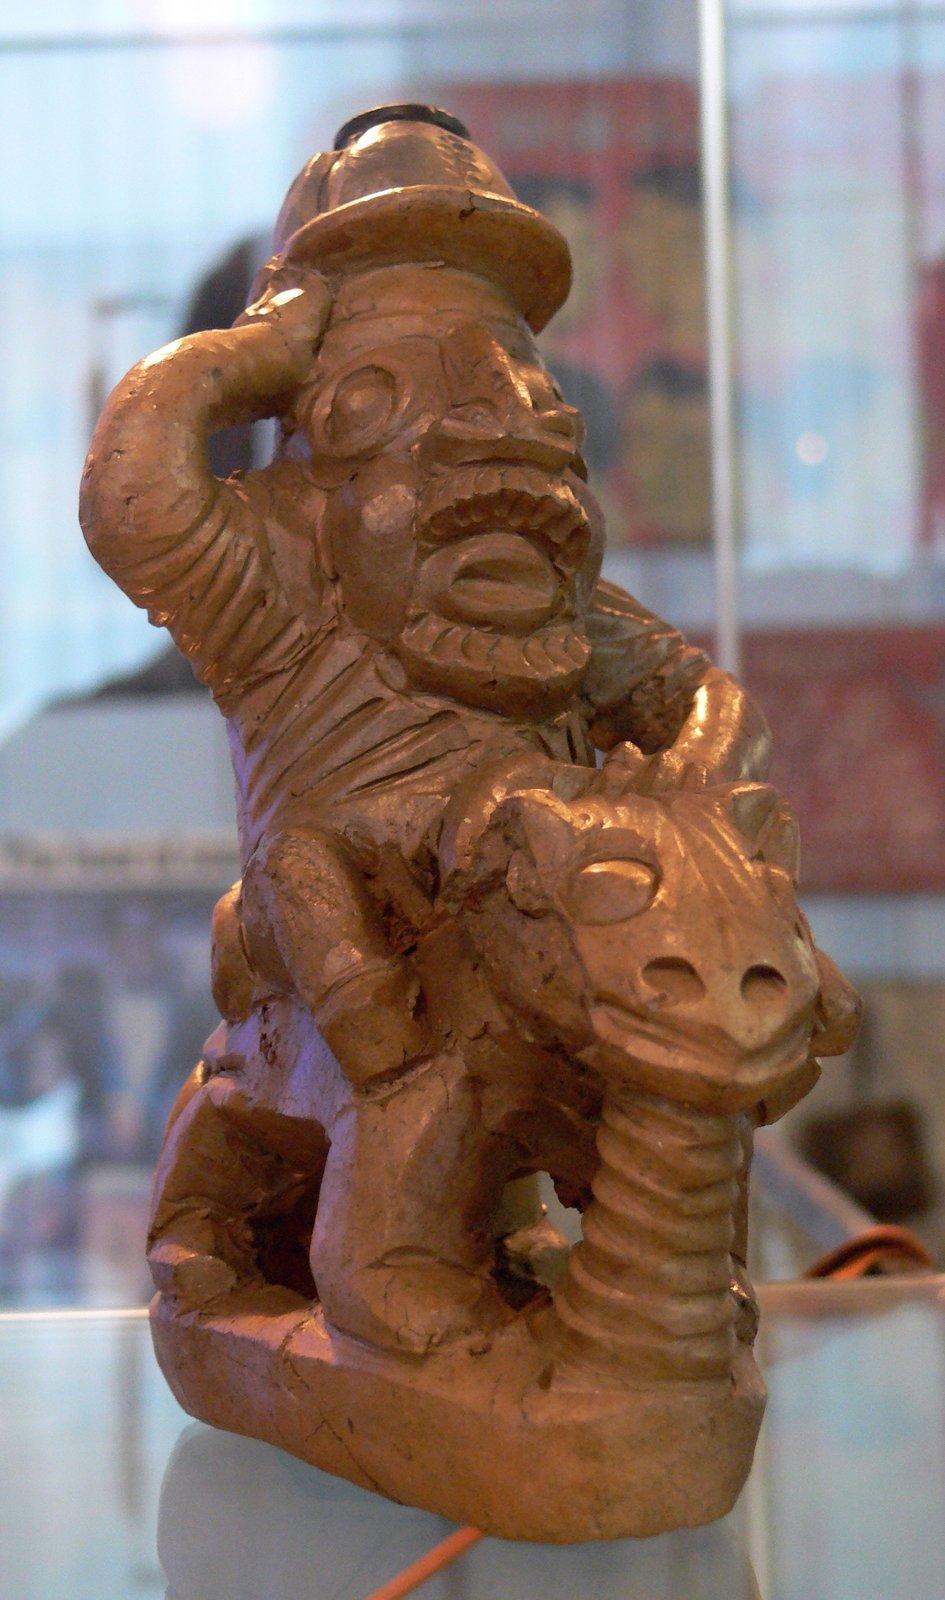 Salutujący niemiecki żołnierz zterakoty. Kamerun Źródło: Karl Heinrich, Salutujący niemiecki żołnierz zterakoty. Kamerun, 2008, domena publiczna.